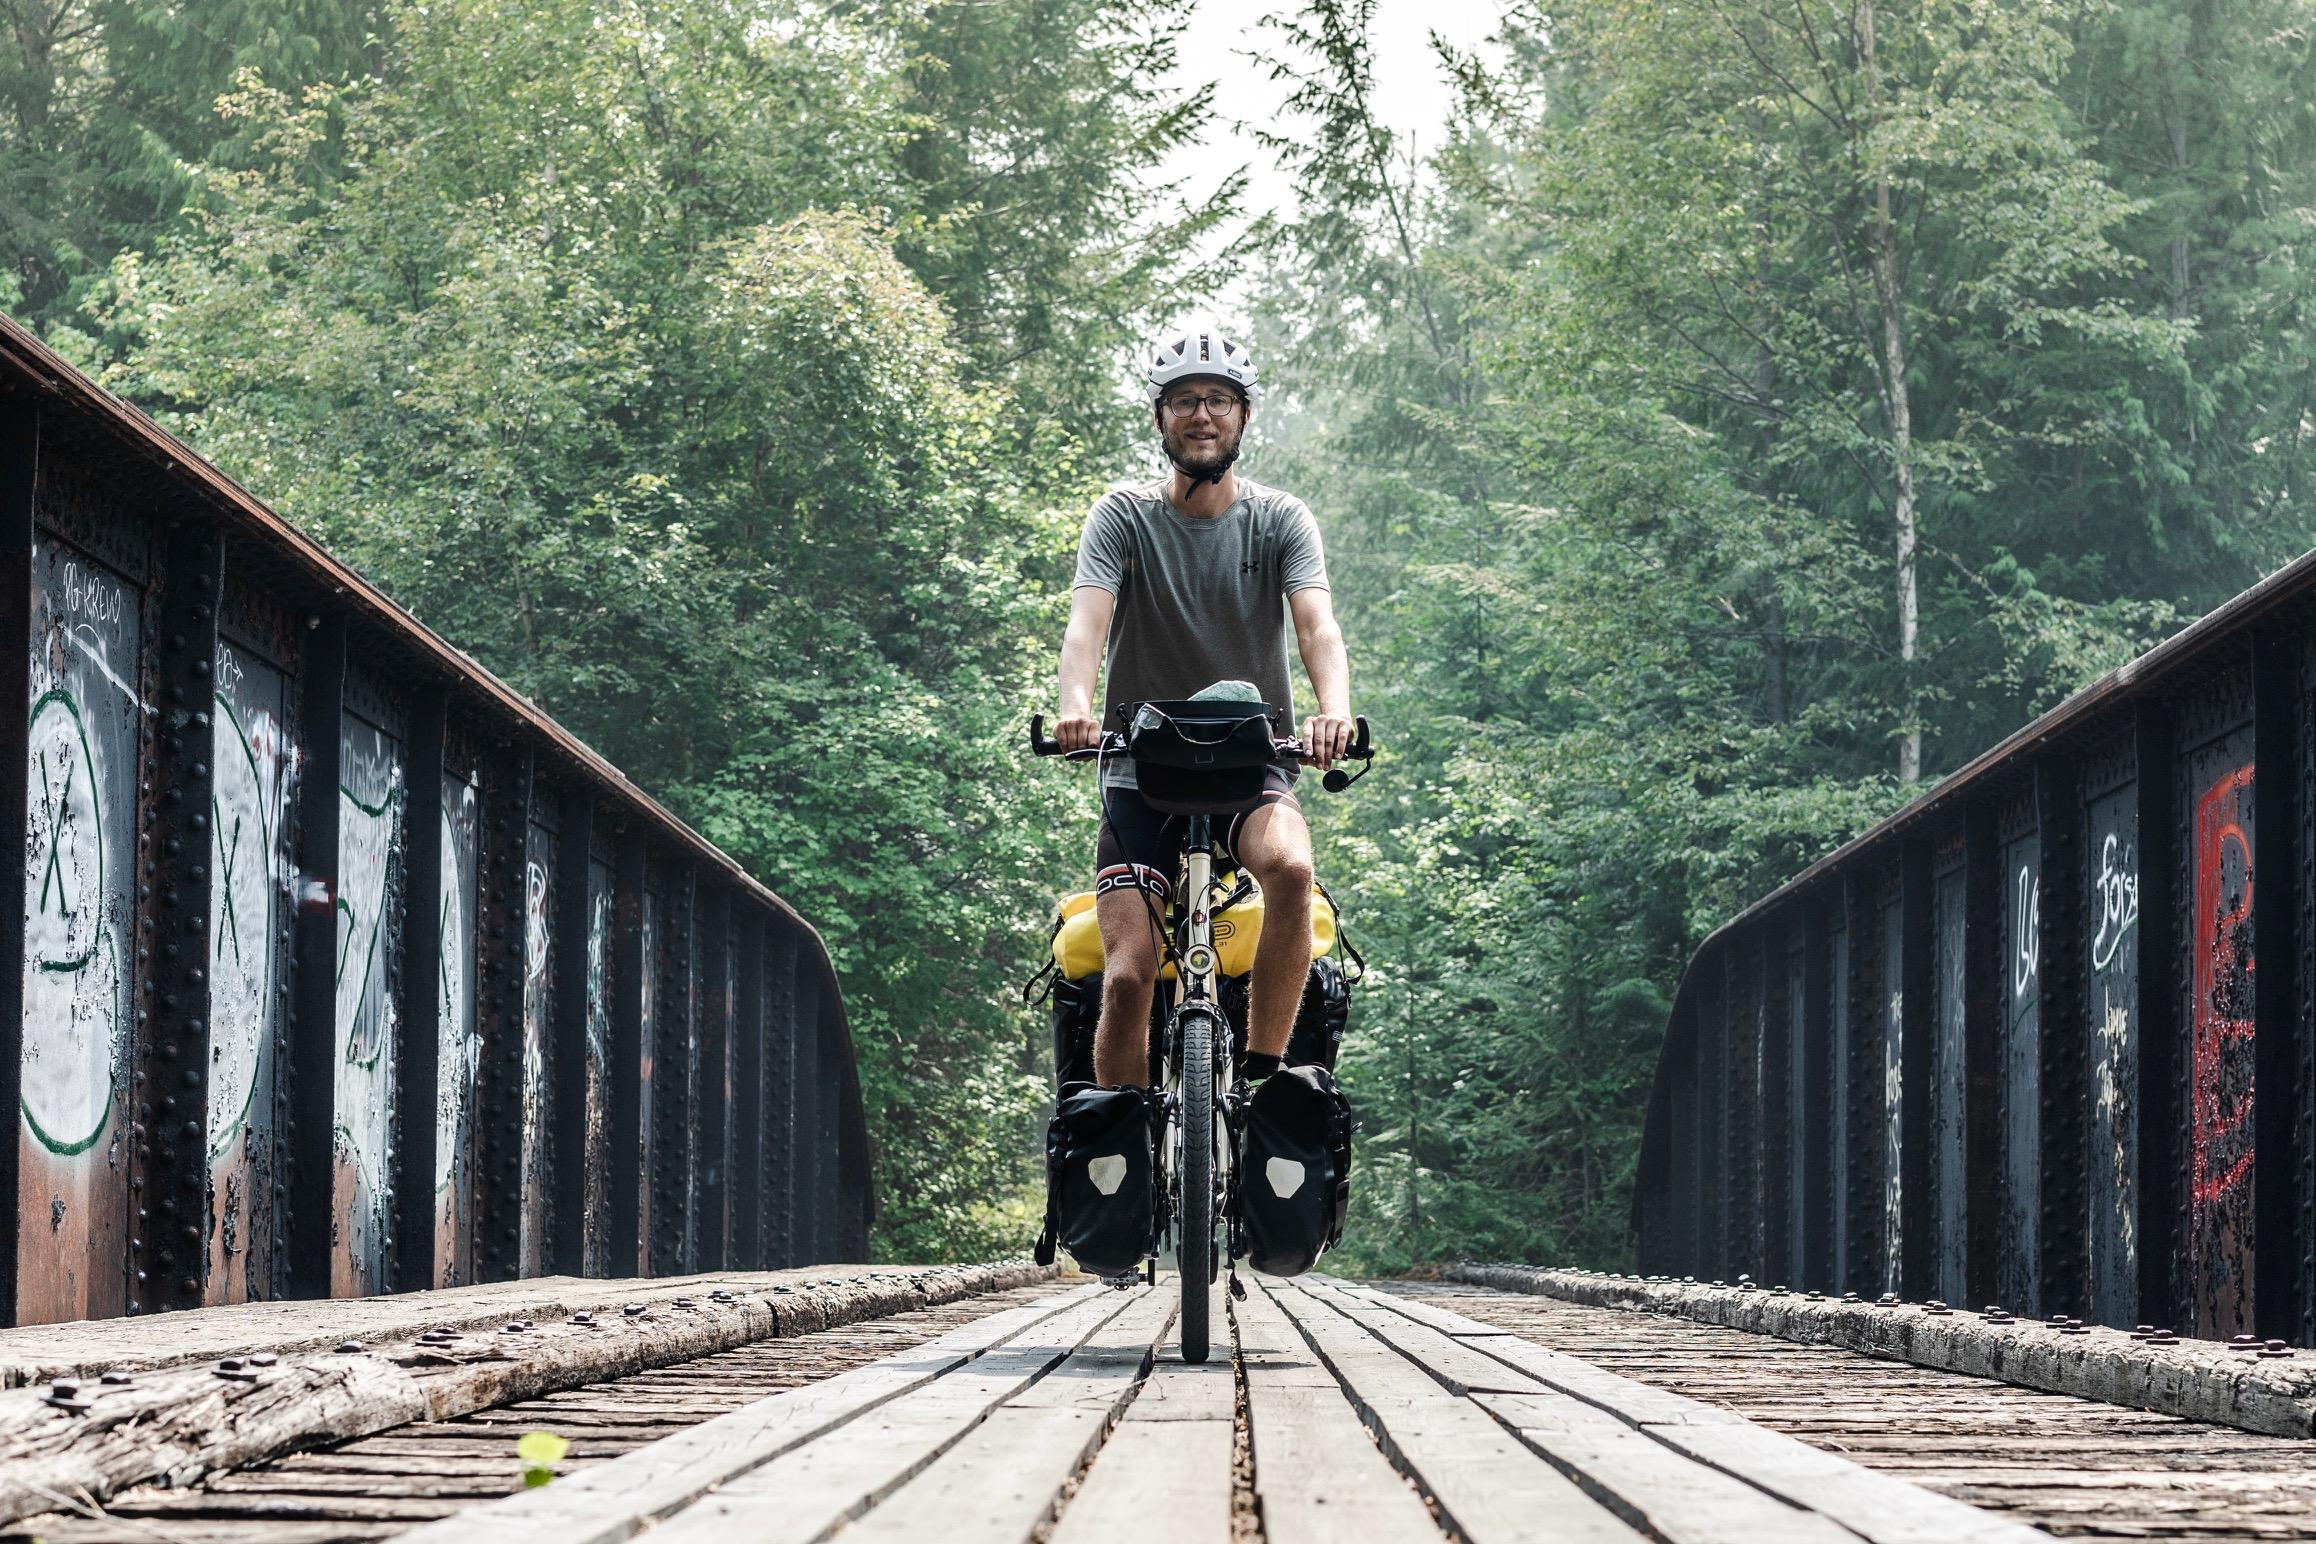 Eher rustikal, diese Brücke mit der offener Vernietung. Johannes und sein Terra kommen machen auch hier gute Figur  (c) Johannes Preuß